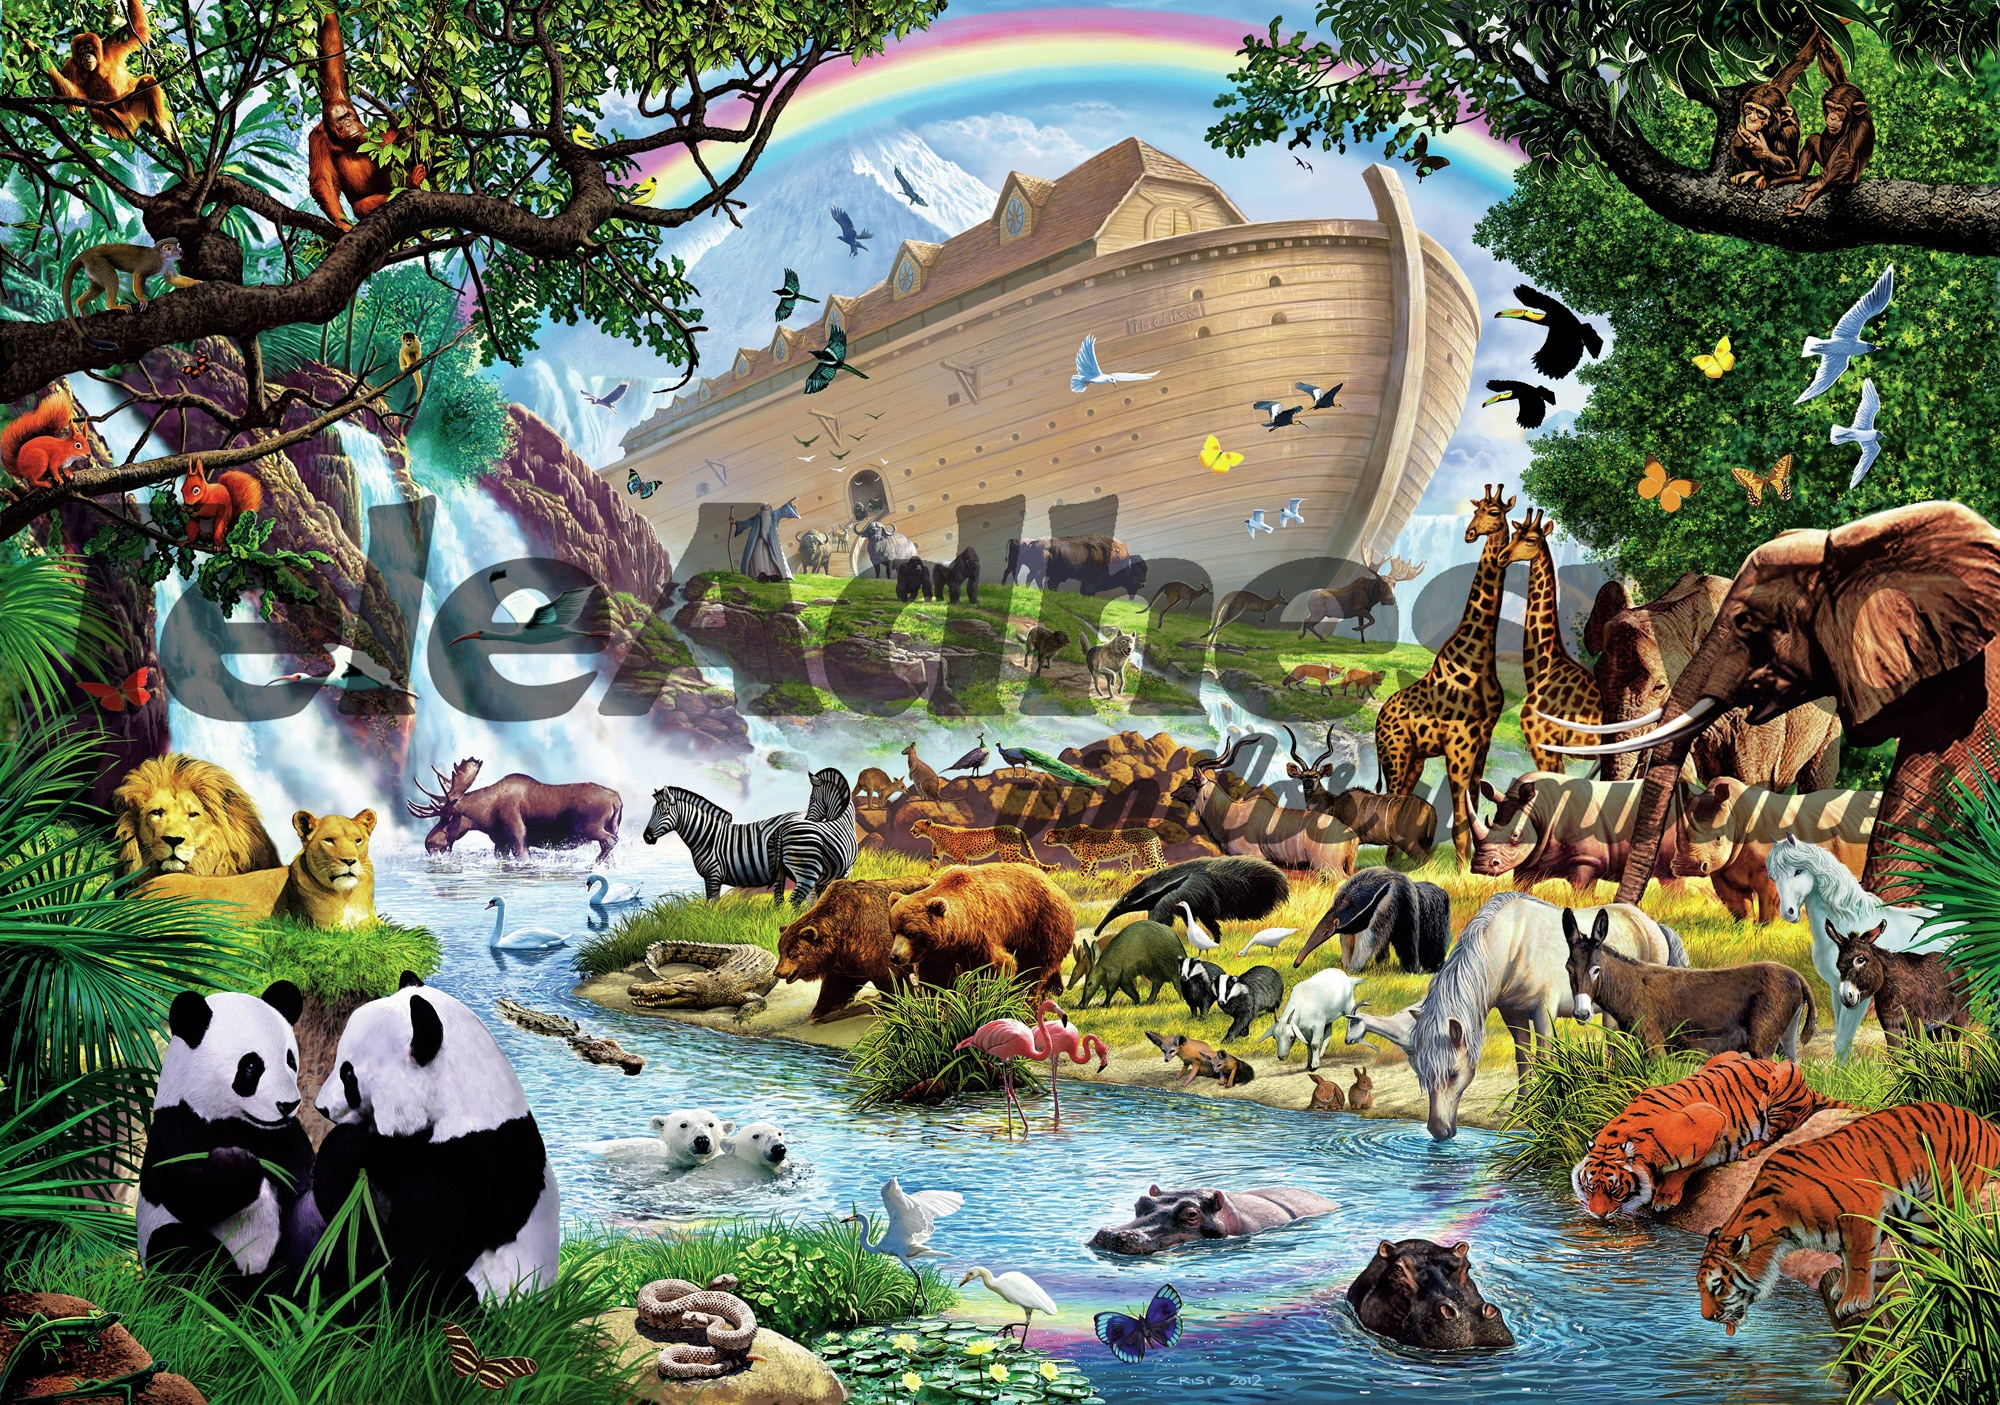 Fototapeten: Die Arche Noah